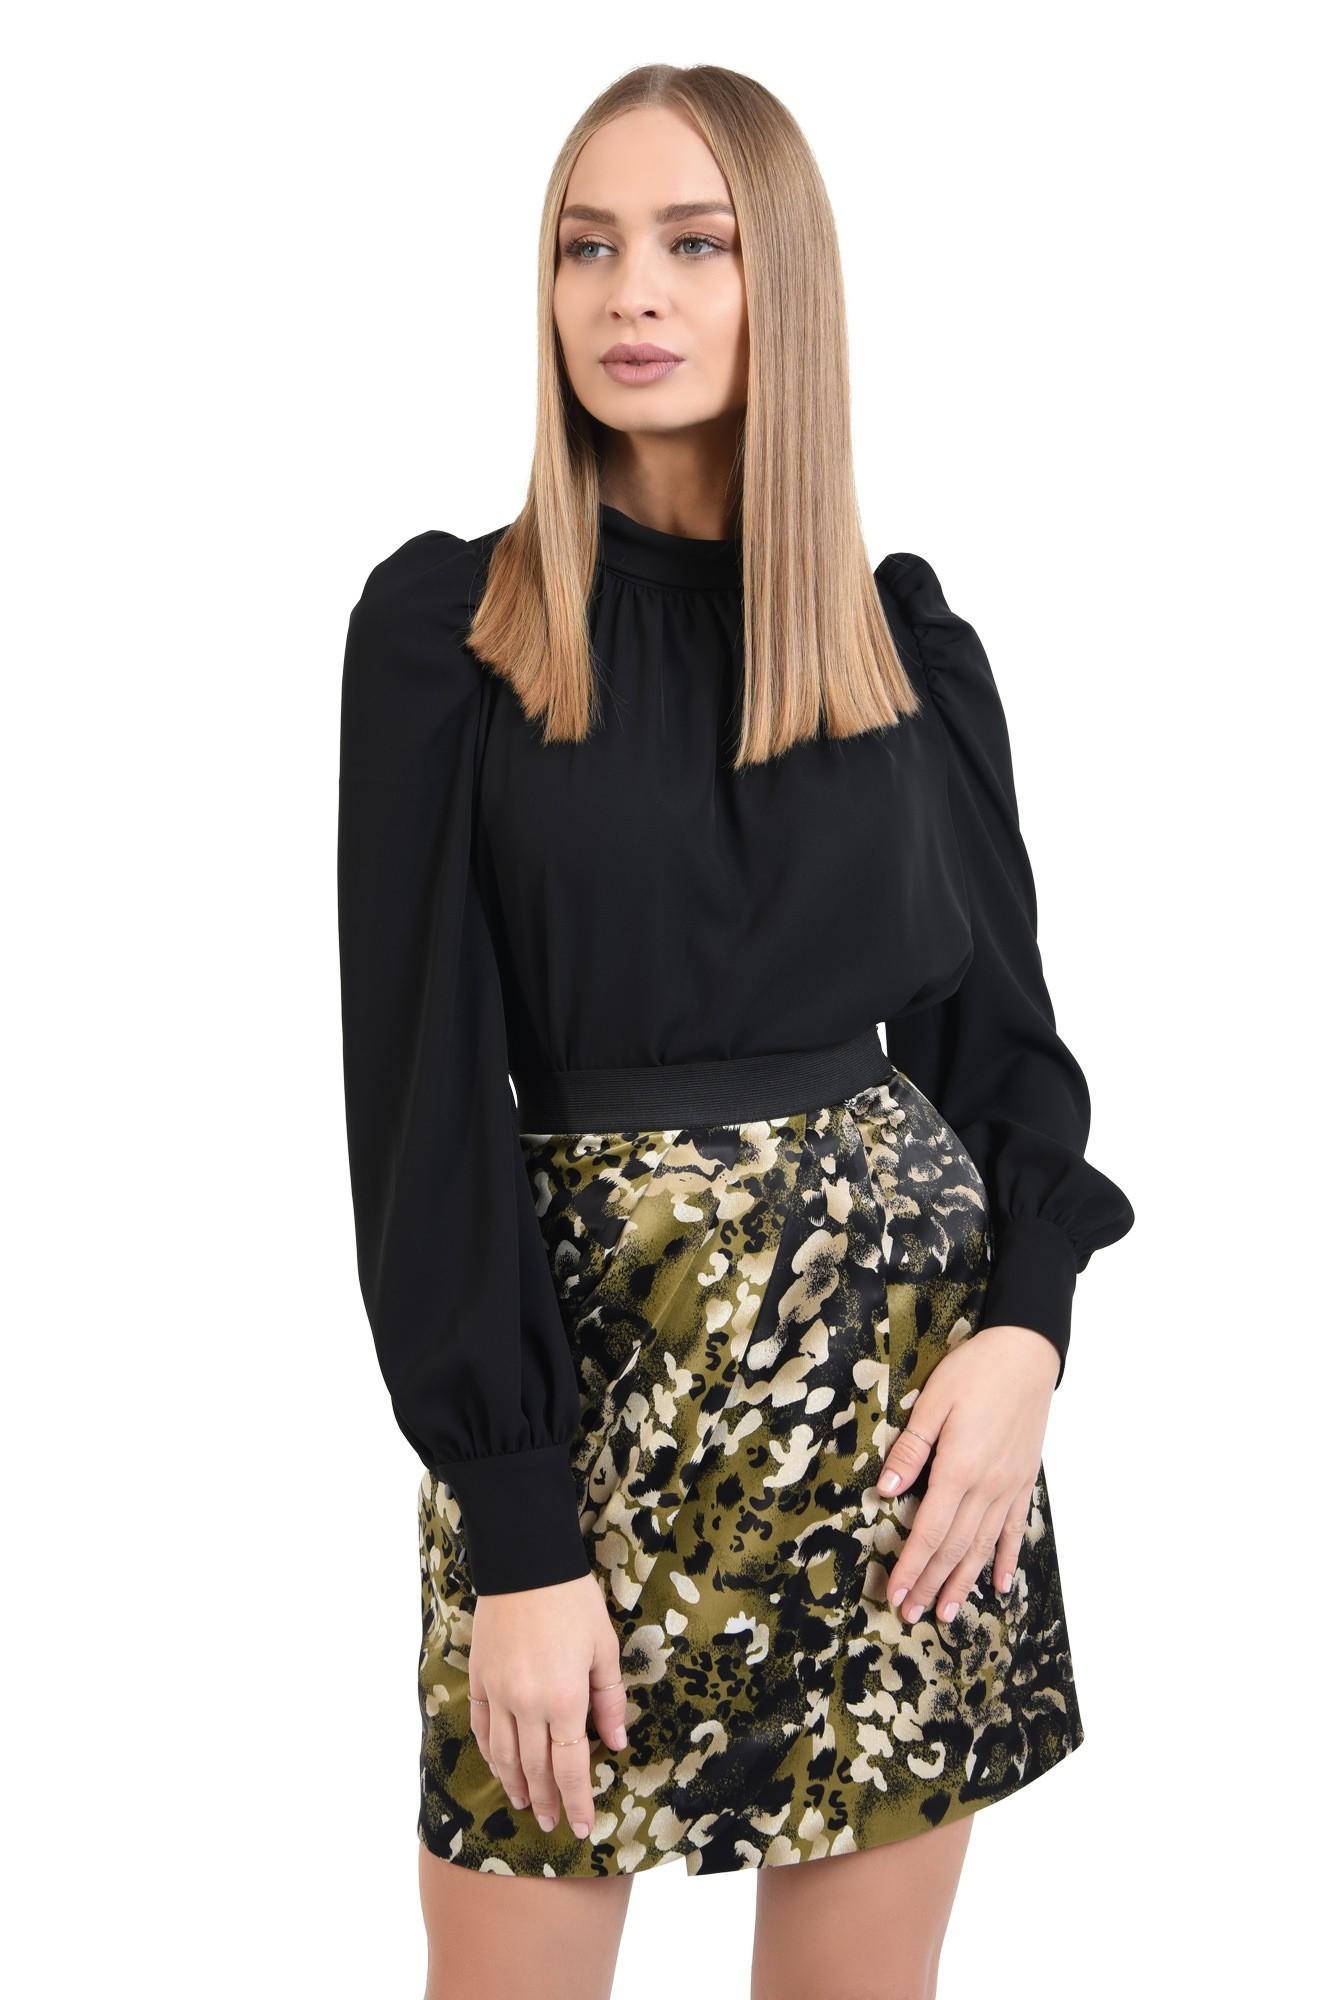 0 - fusta eleganta, din satin, cu print, kaki, usor drapata